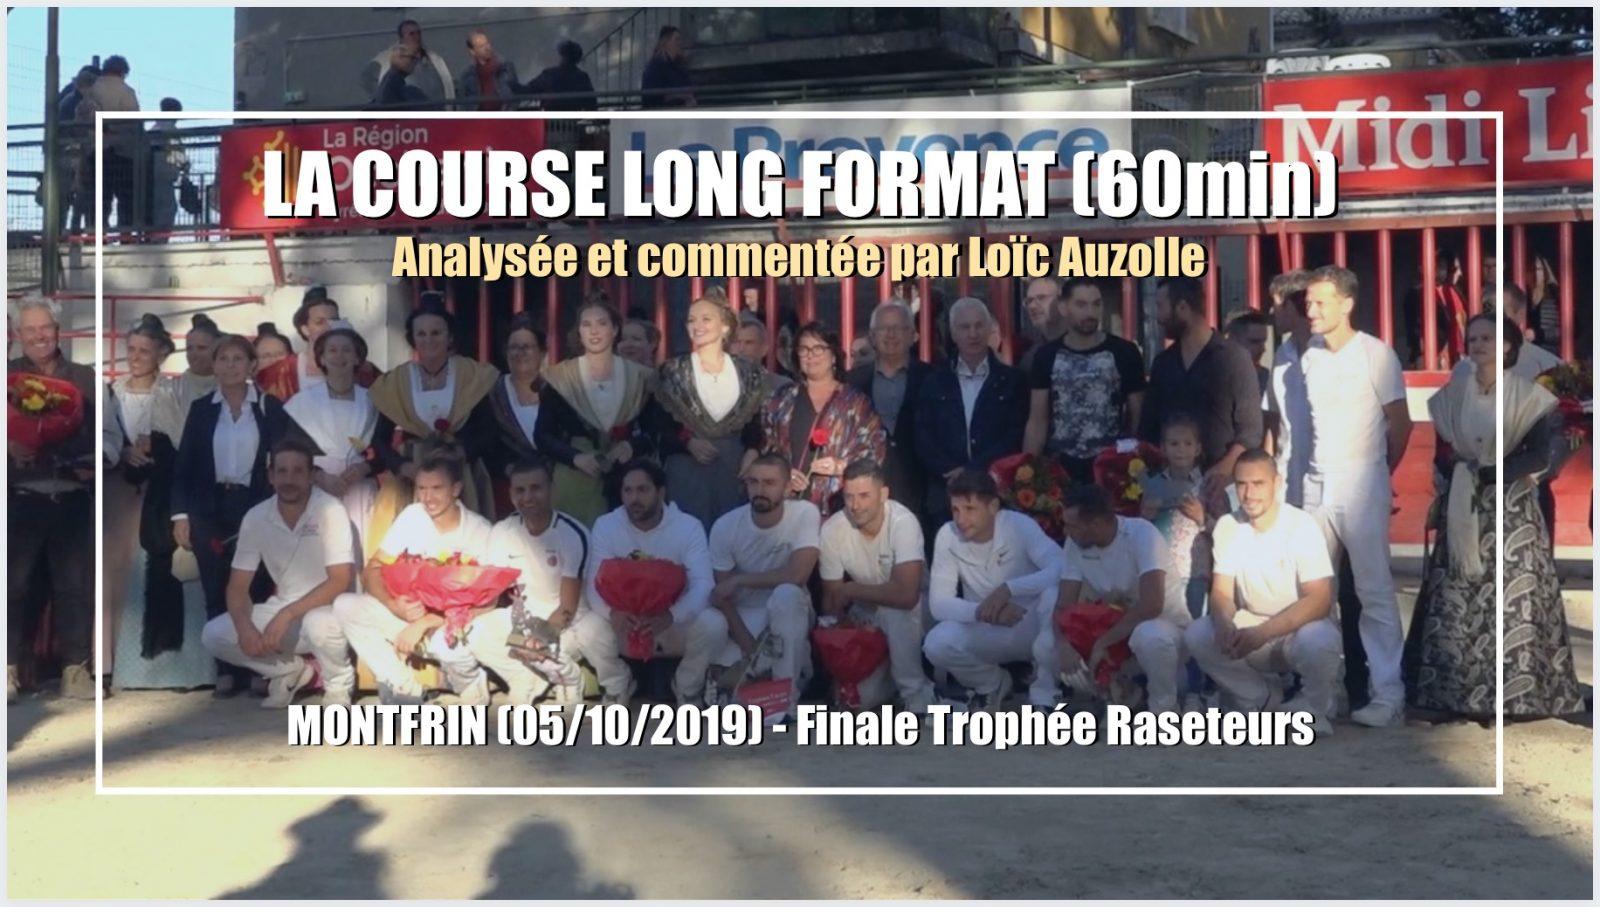 LA COURSE LONG FORMAT (60min) – MONTFRIN (05/10/2019) – Finale Trophée des Raseteurs – Analysée et commentée par Loïc Auzolle